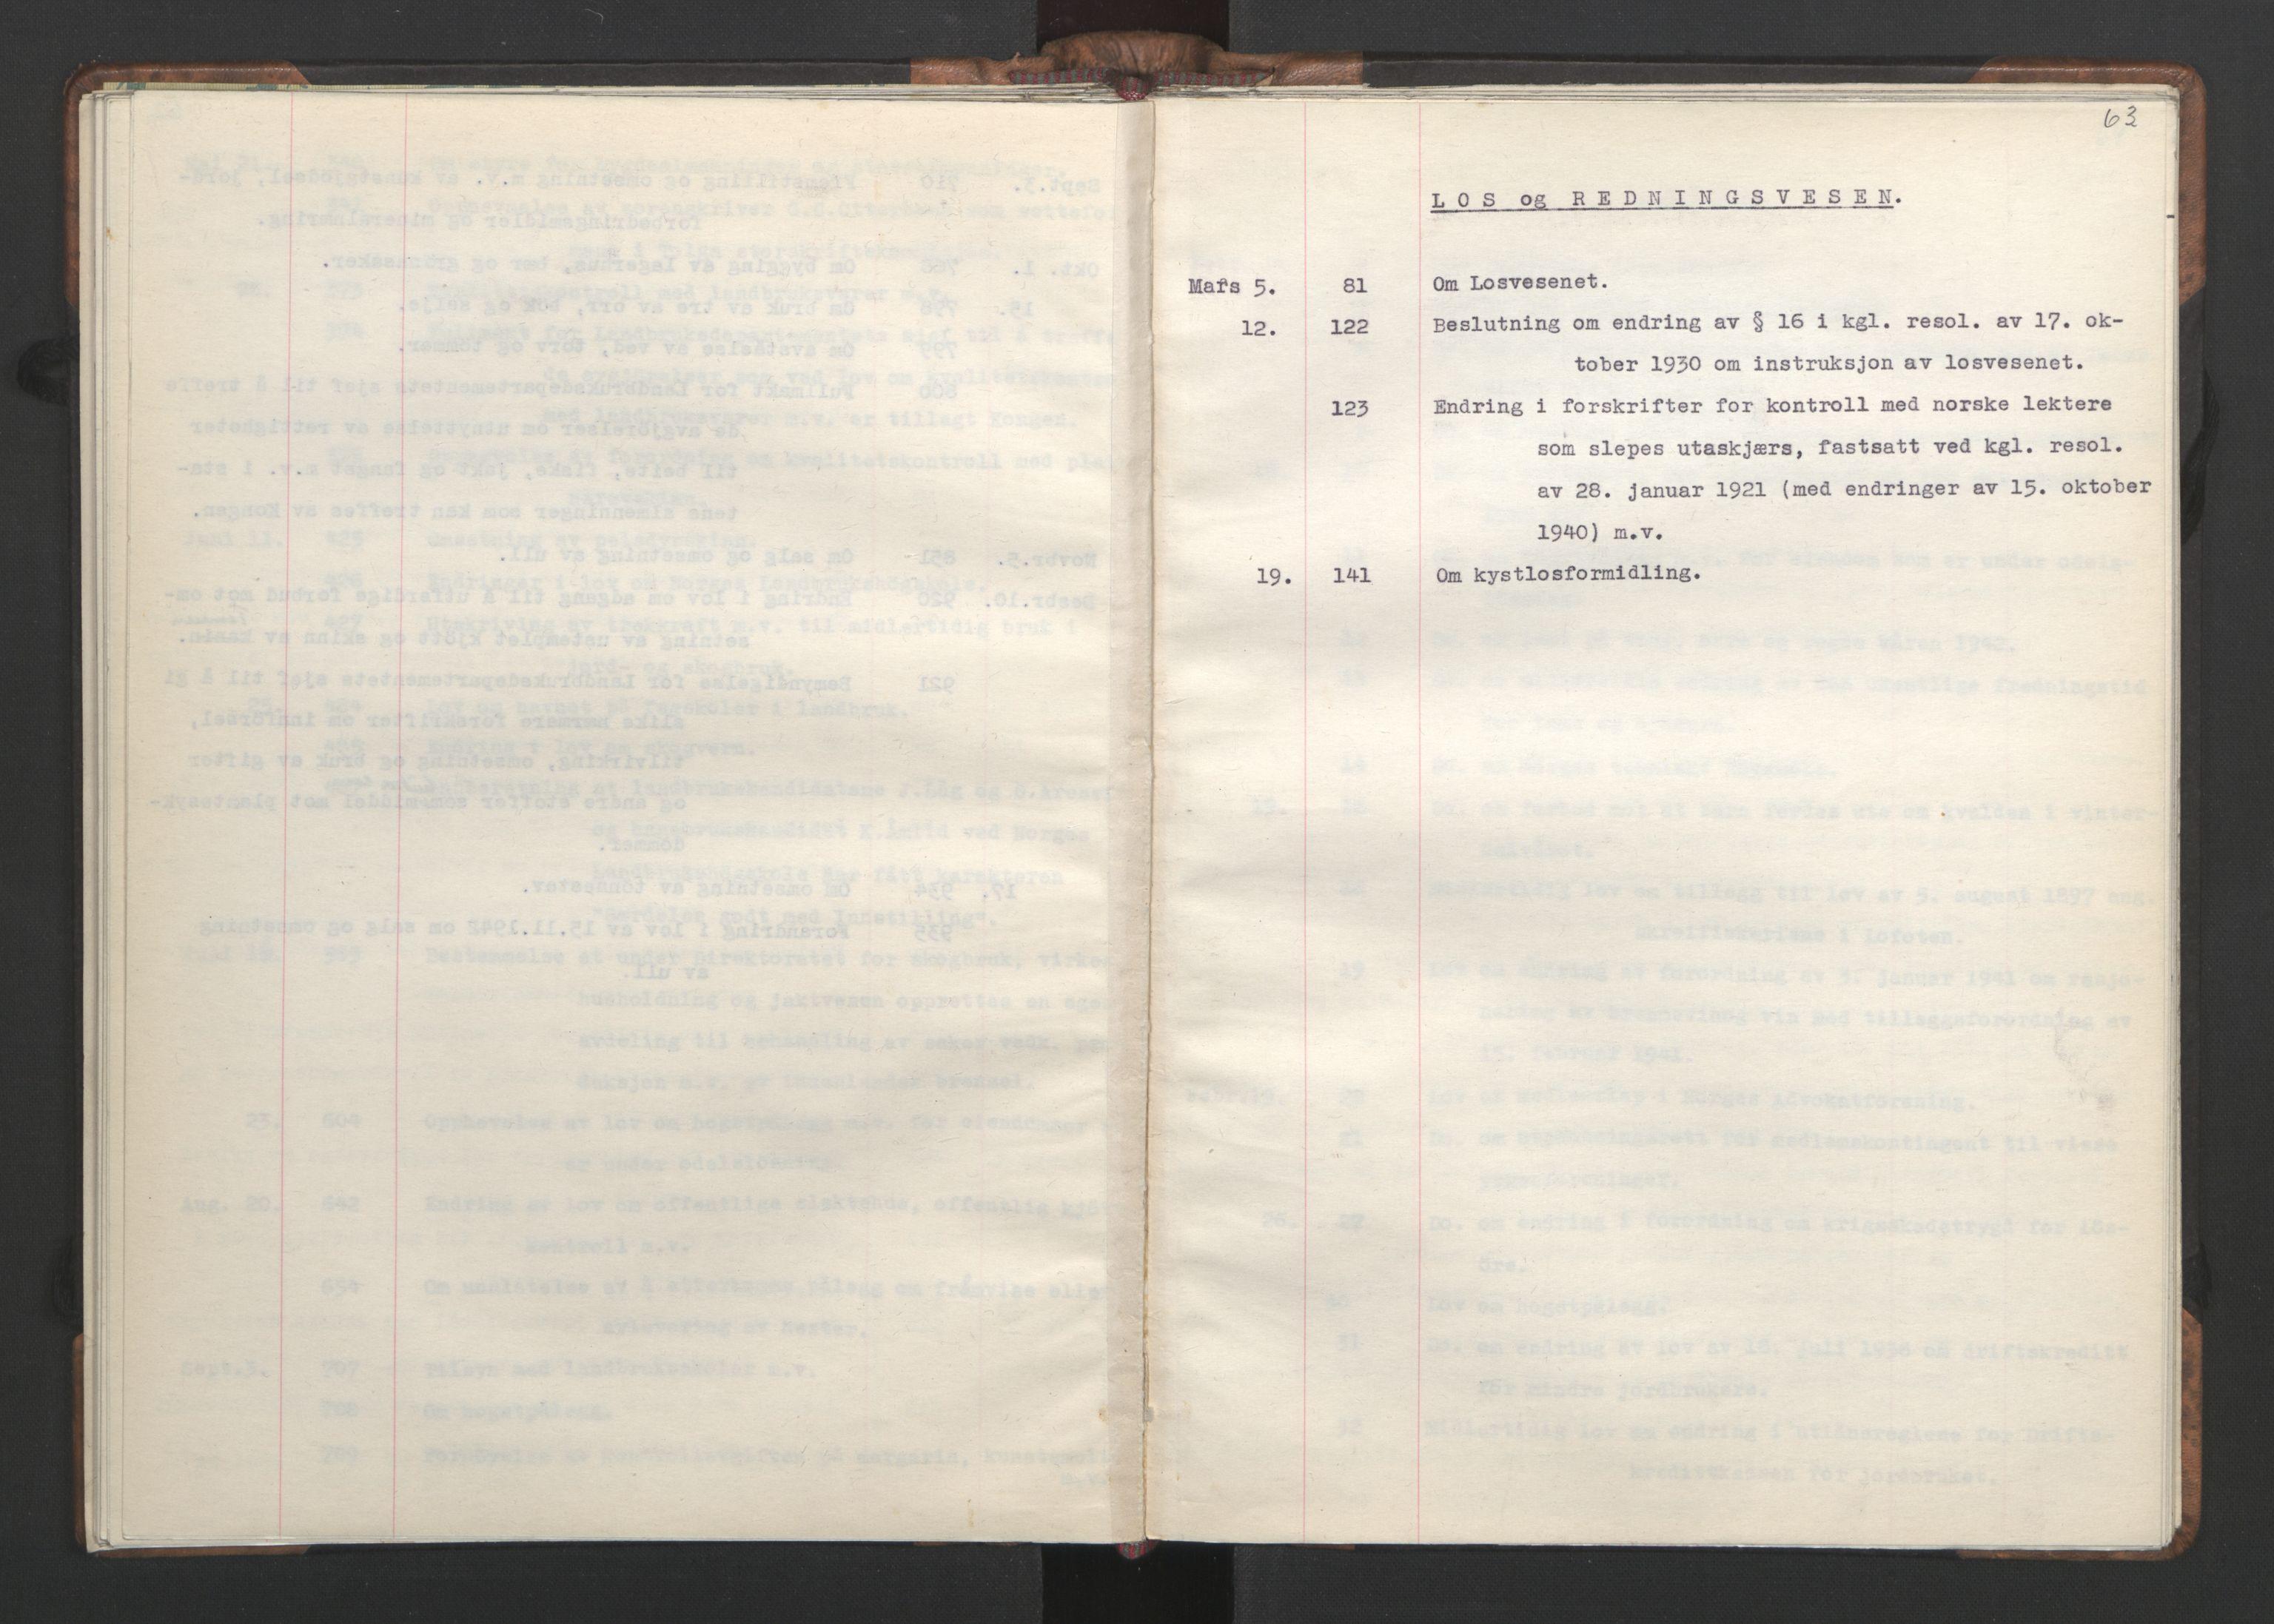 RA, NS-administrasjonen 1940-1945 (Statsrådsekretariatet, de kommisariske statsråder mm), D/Da/L0002: Register (RA j.nr. 985/1943, tilgangsnr. 17/1943), 1942, s. 62b-63a